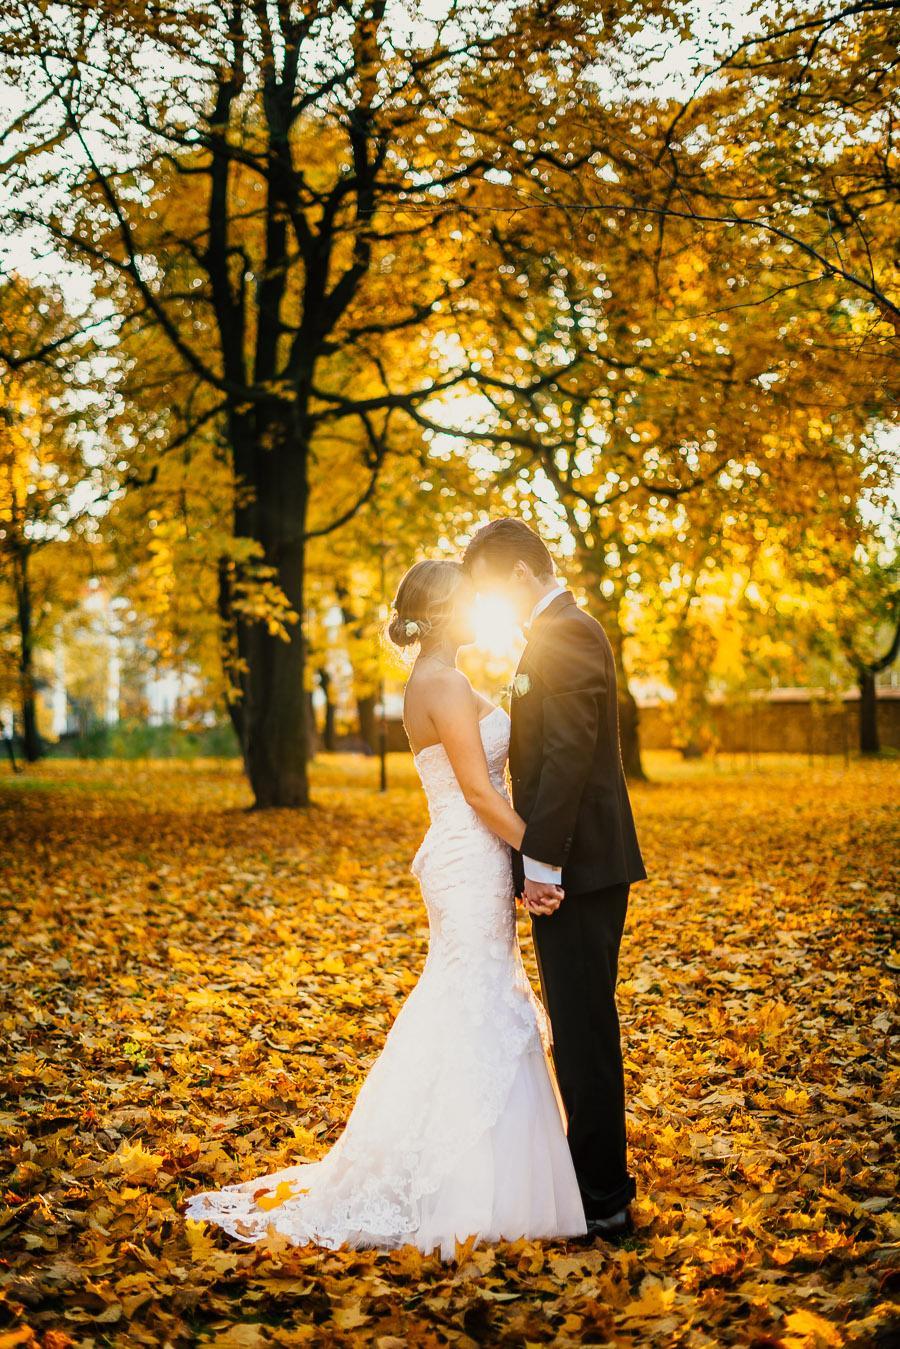 Podzimní svatba - Obrázek č. 12